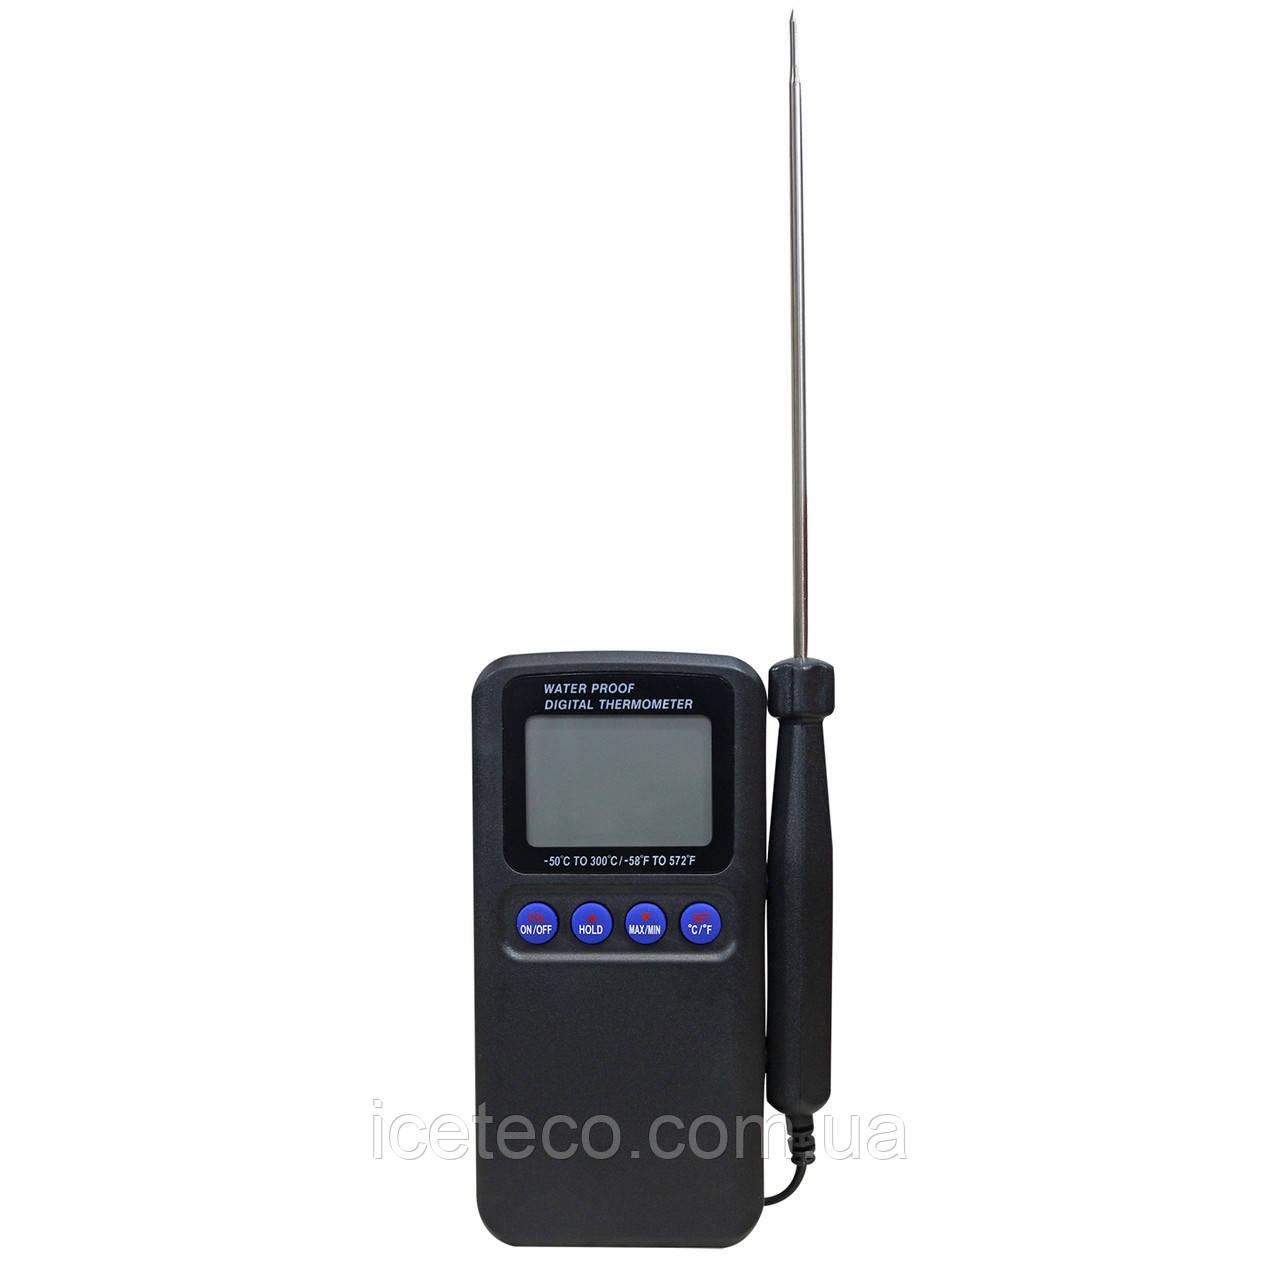 Водонепроницаемый электронный карманный термометр Mastercool MC 52229